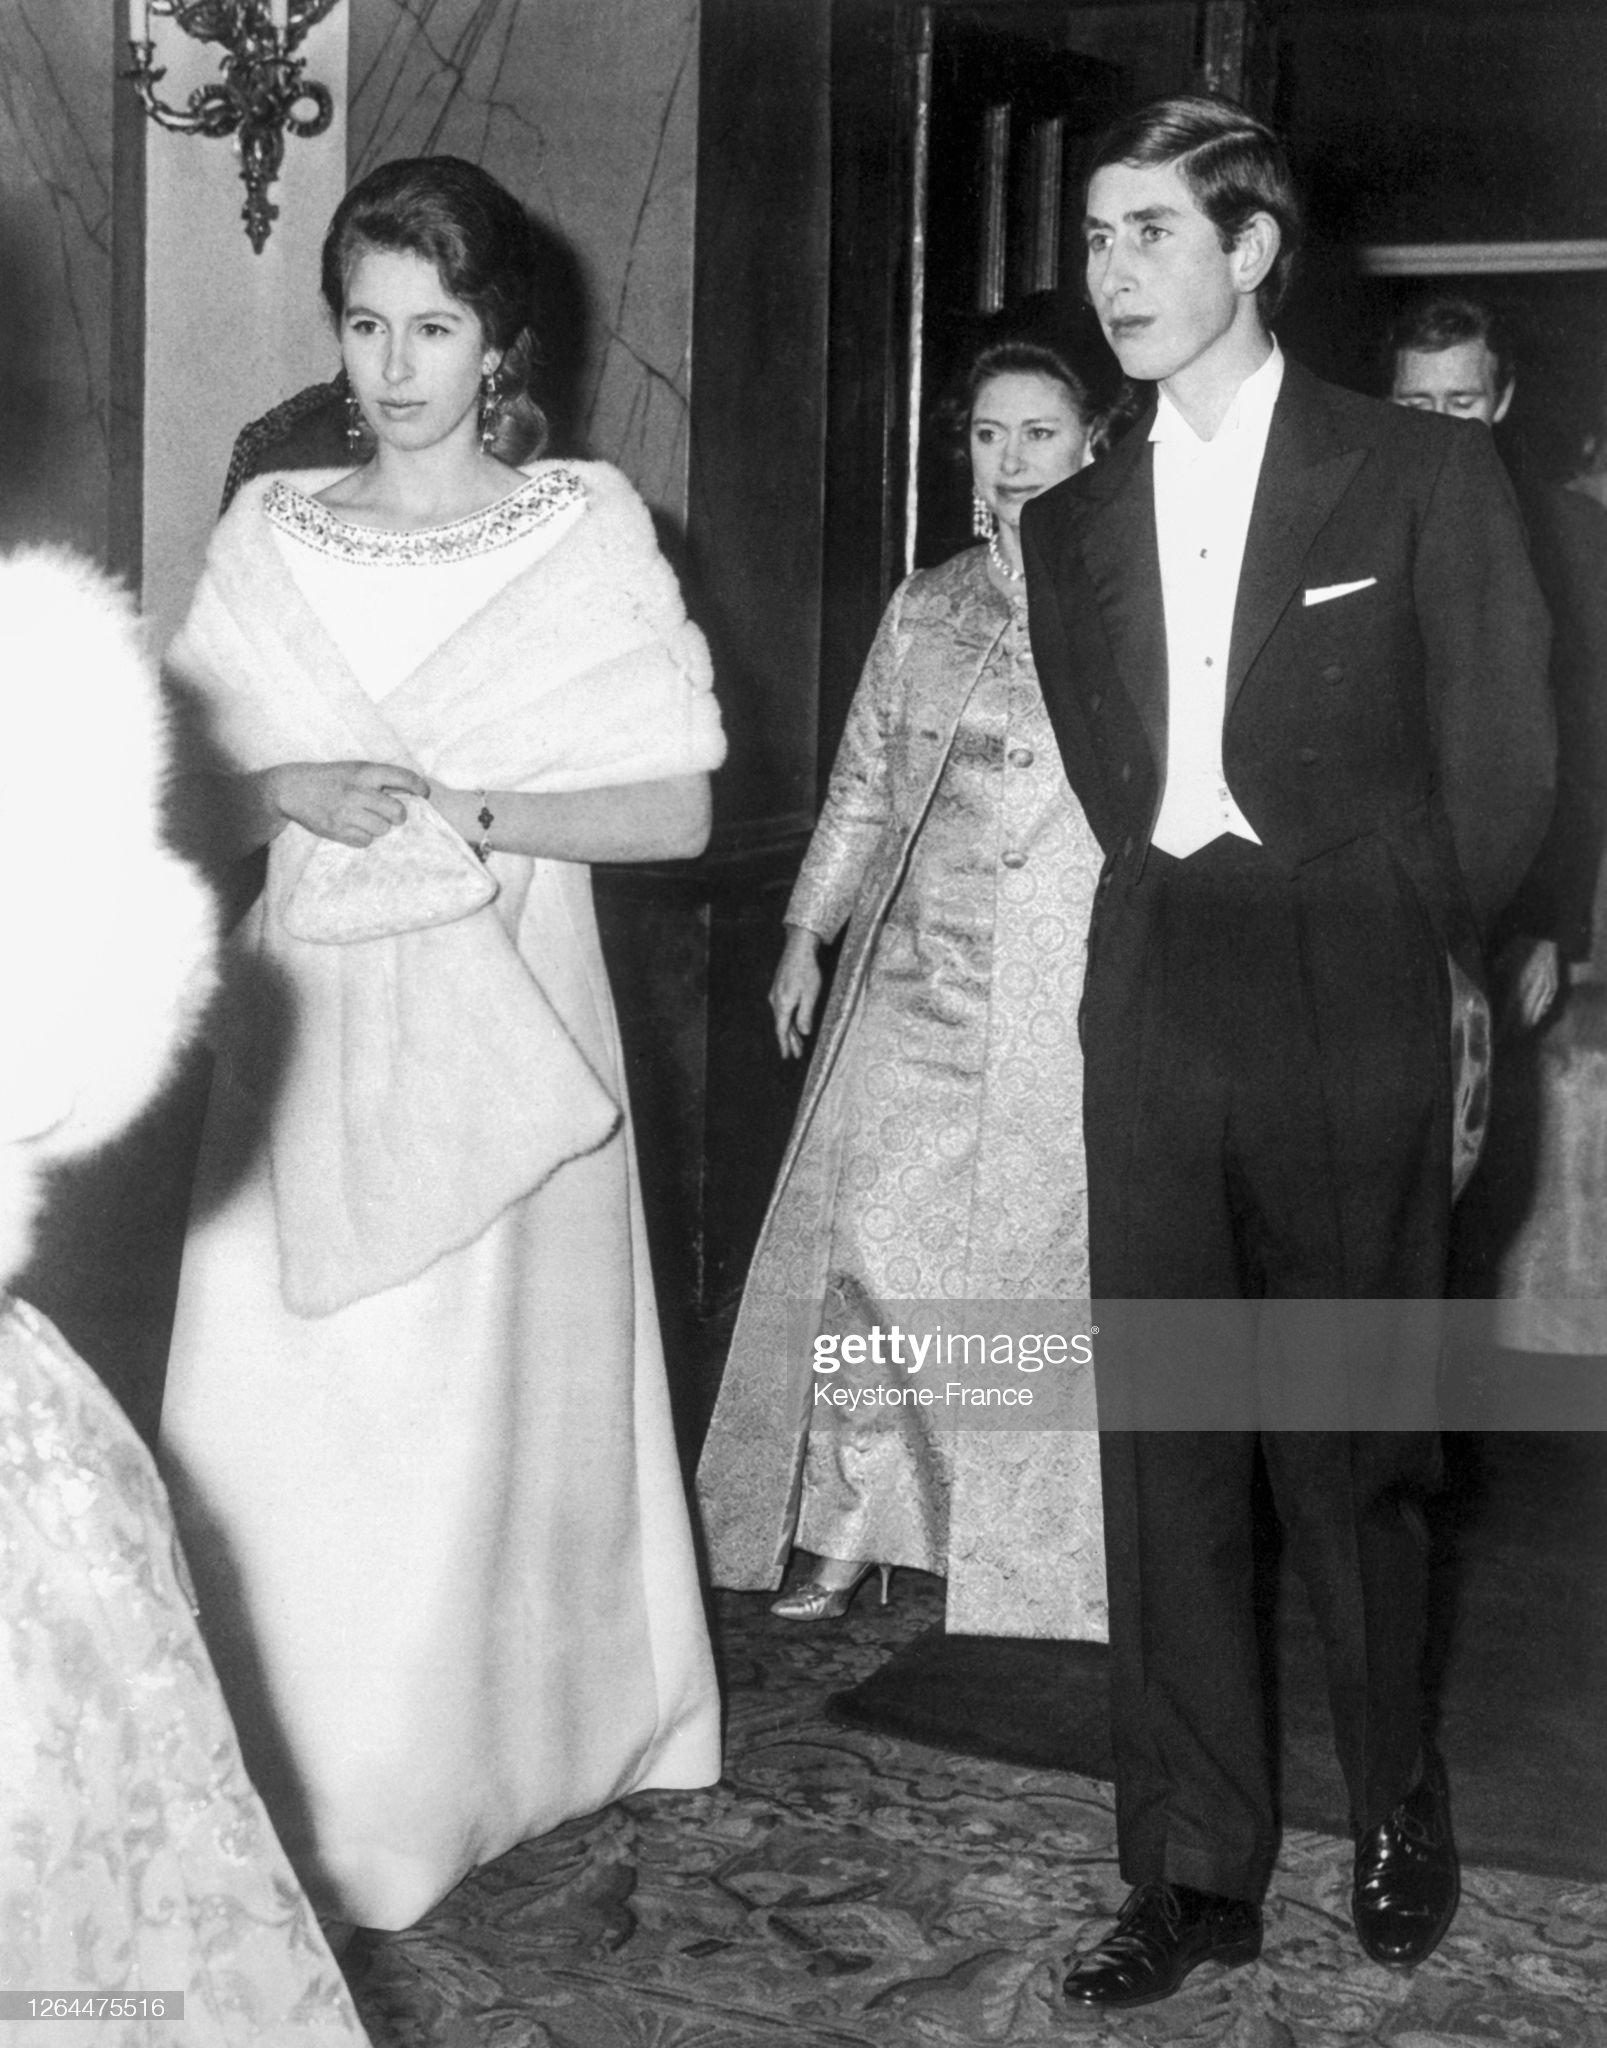 Famille royale britannique : News Photo